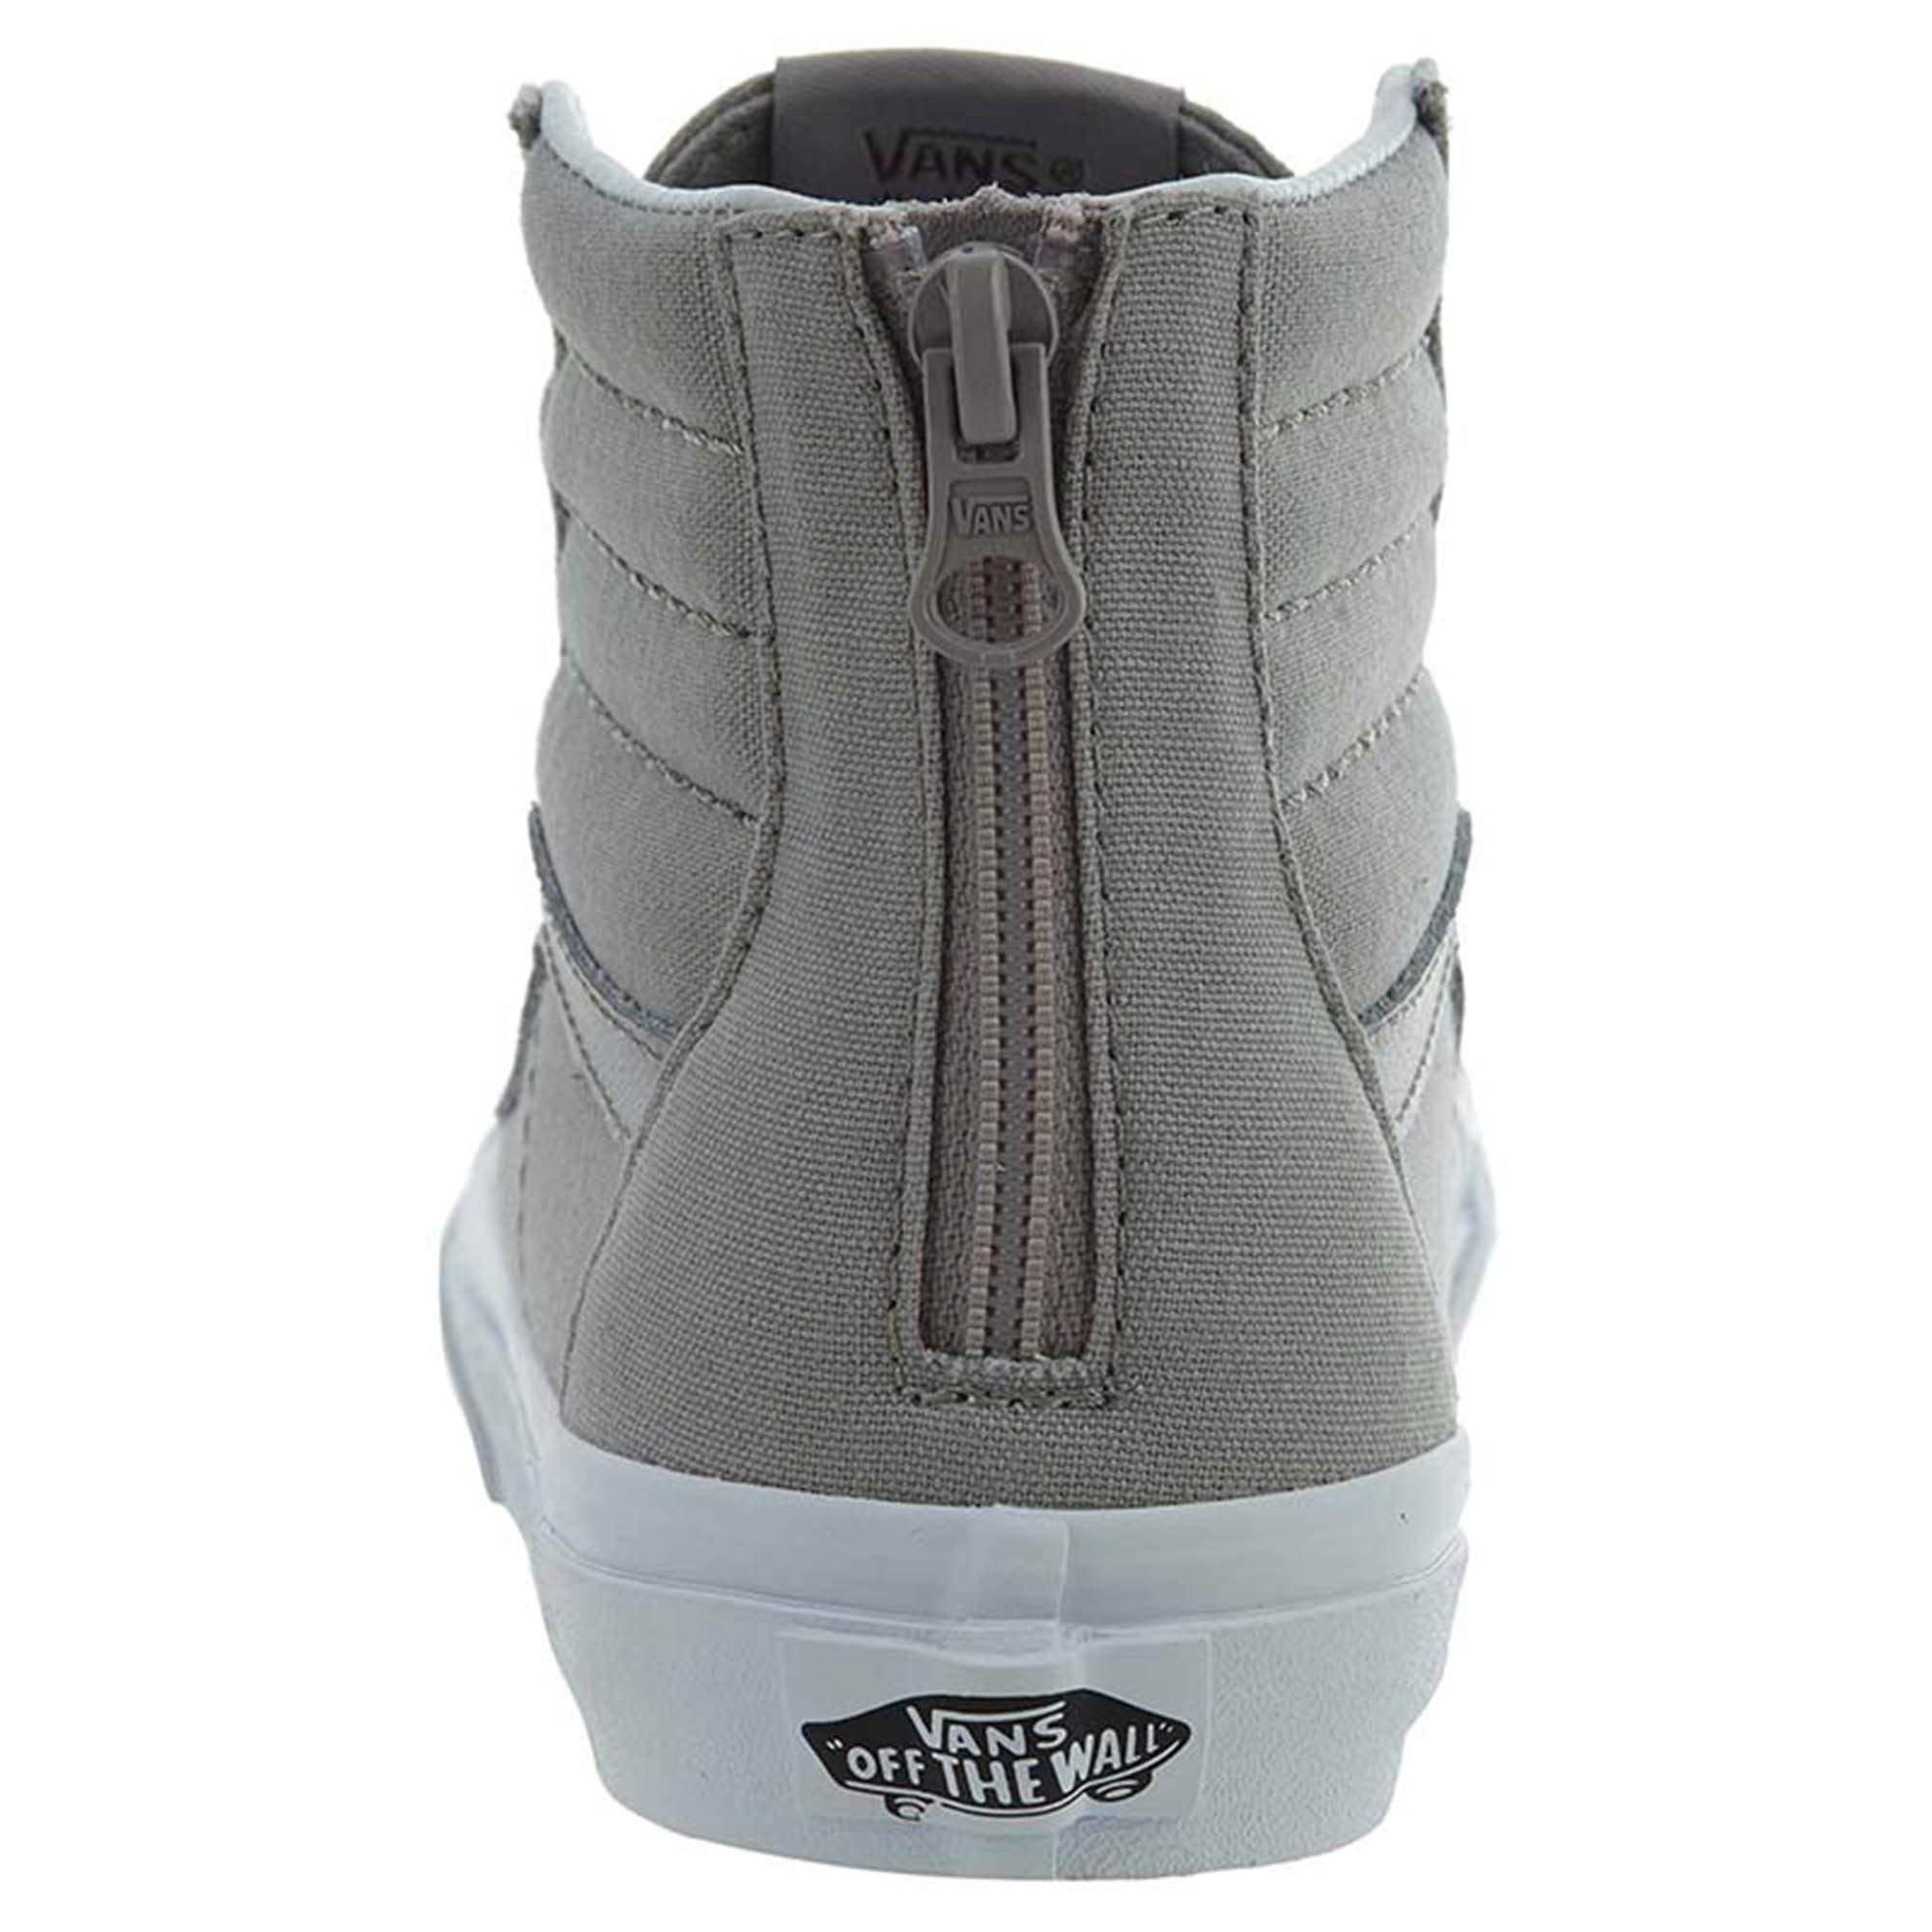 Vans Sk8-hi Zip Shoes Little Kids Style : VN0A3276-QY0 Size : 2.5